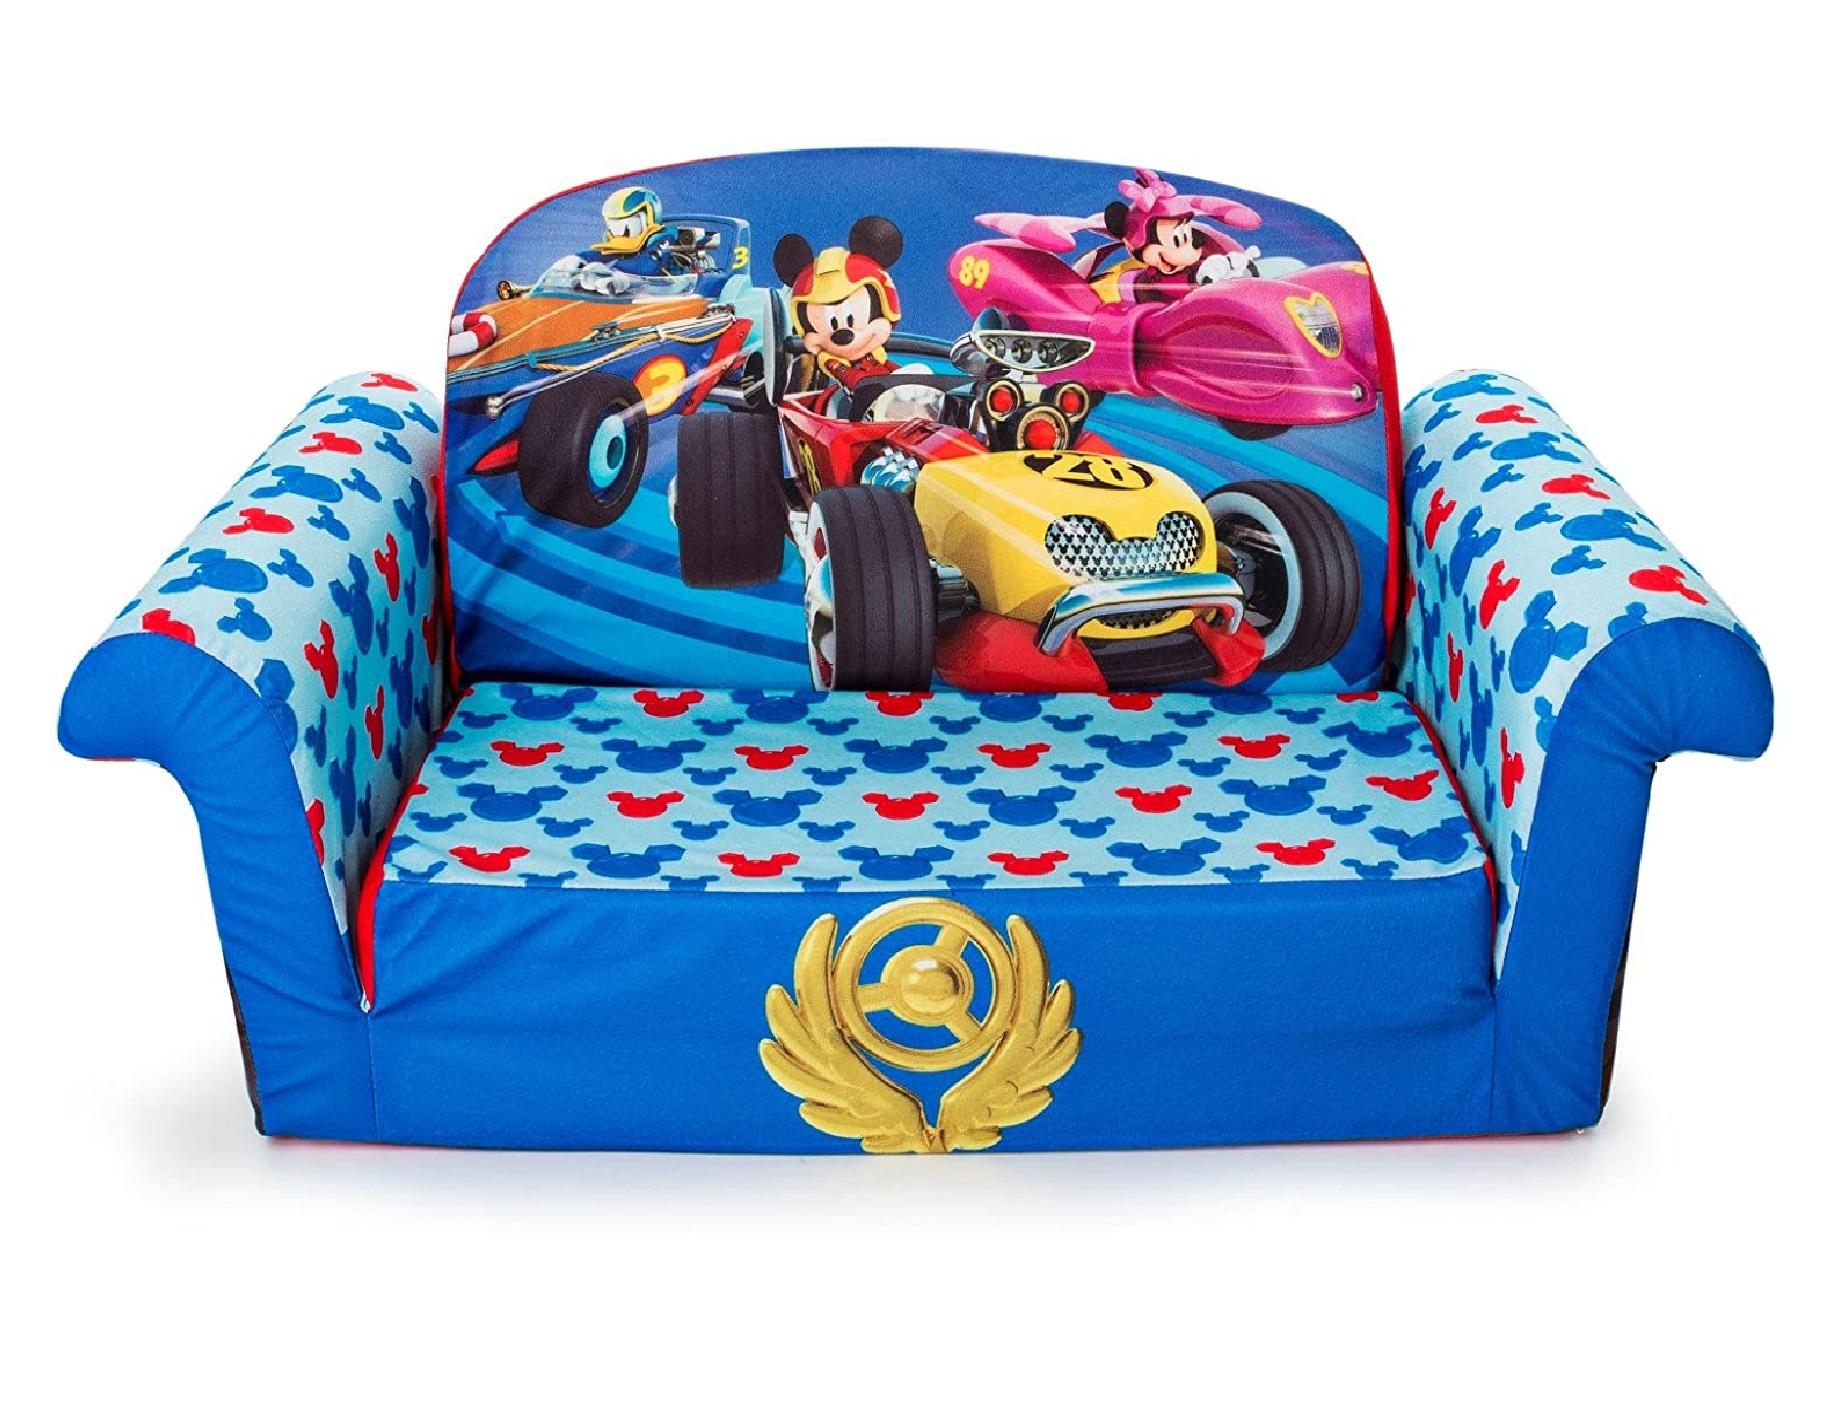 Marshmallow Furniture - Children's Foam Sofa